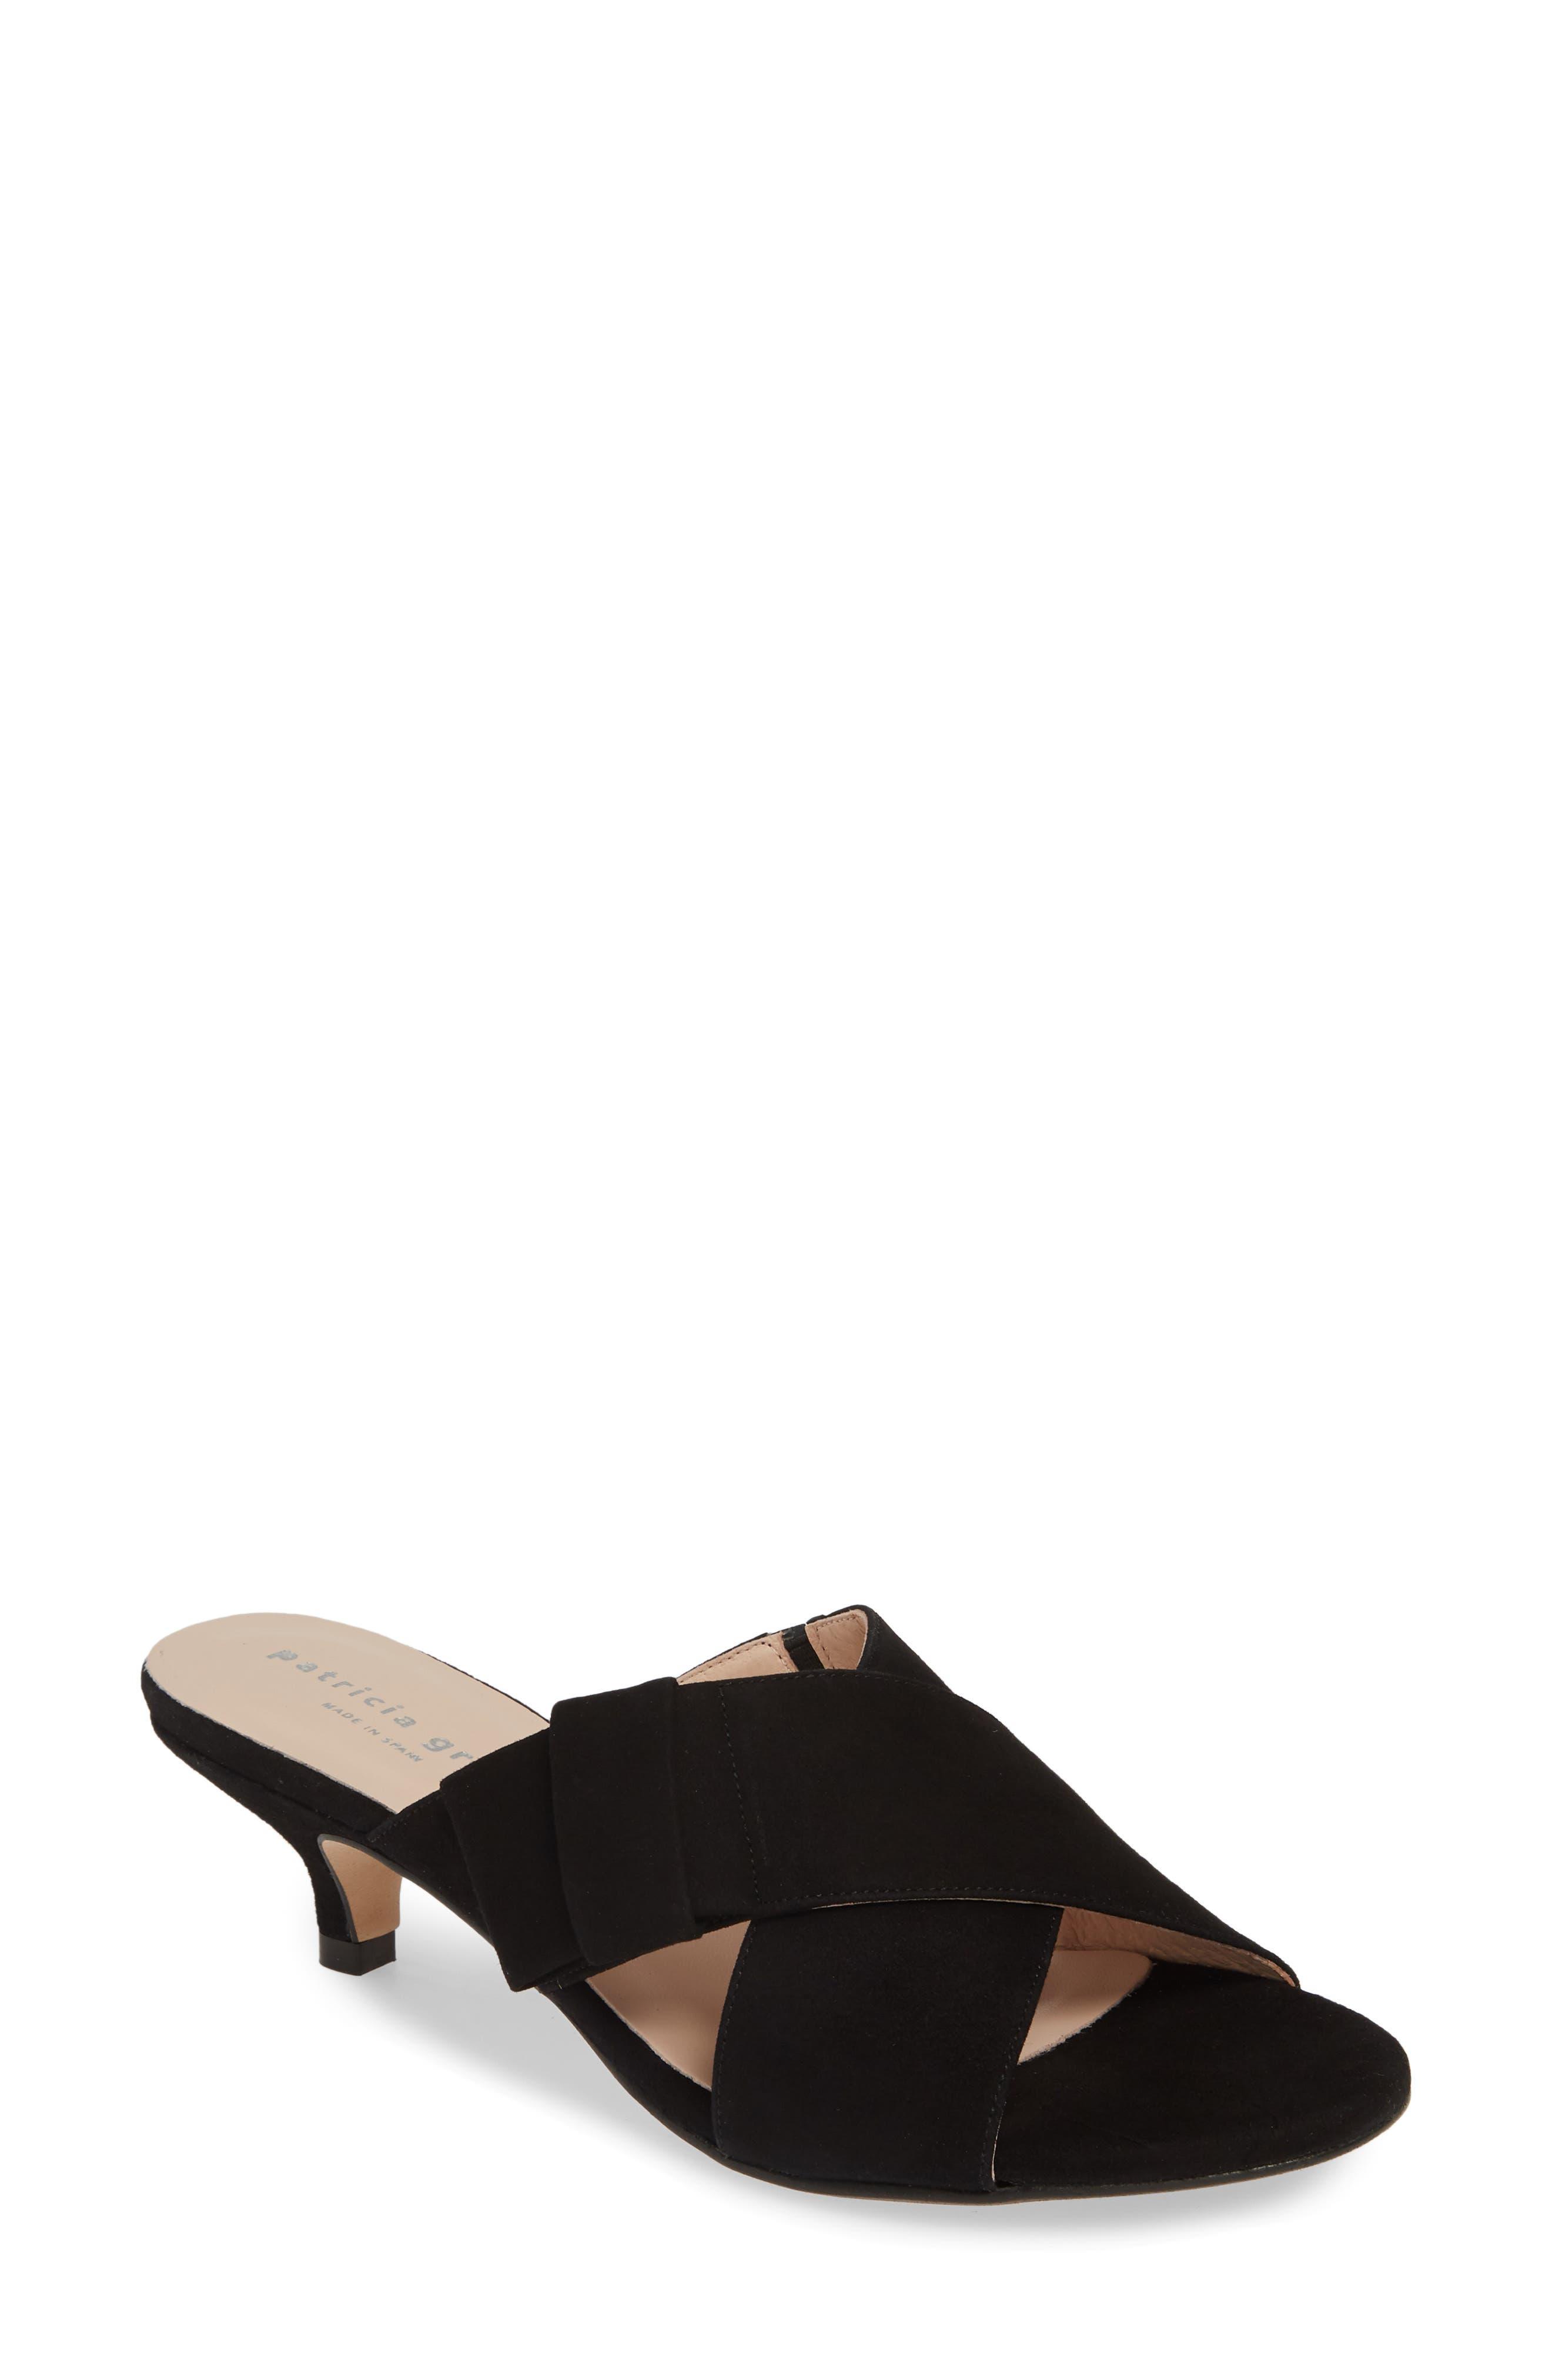 Patricia Green Origami Slide Sandal- Black